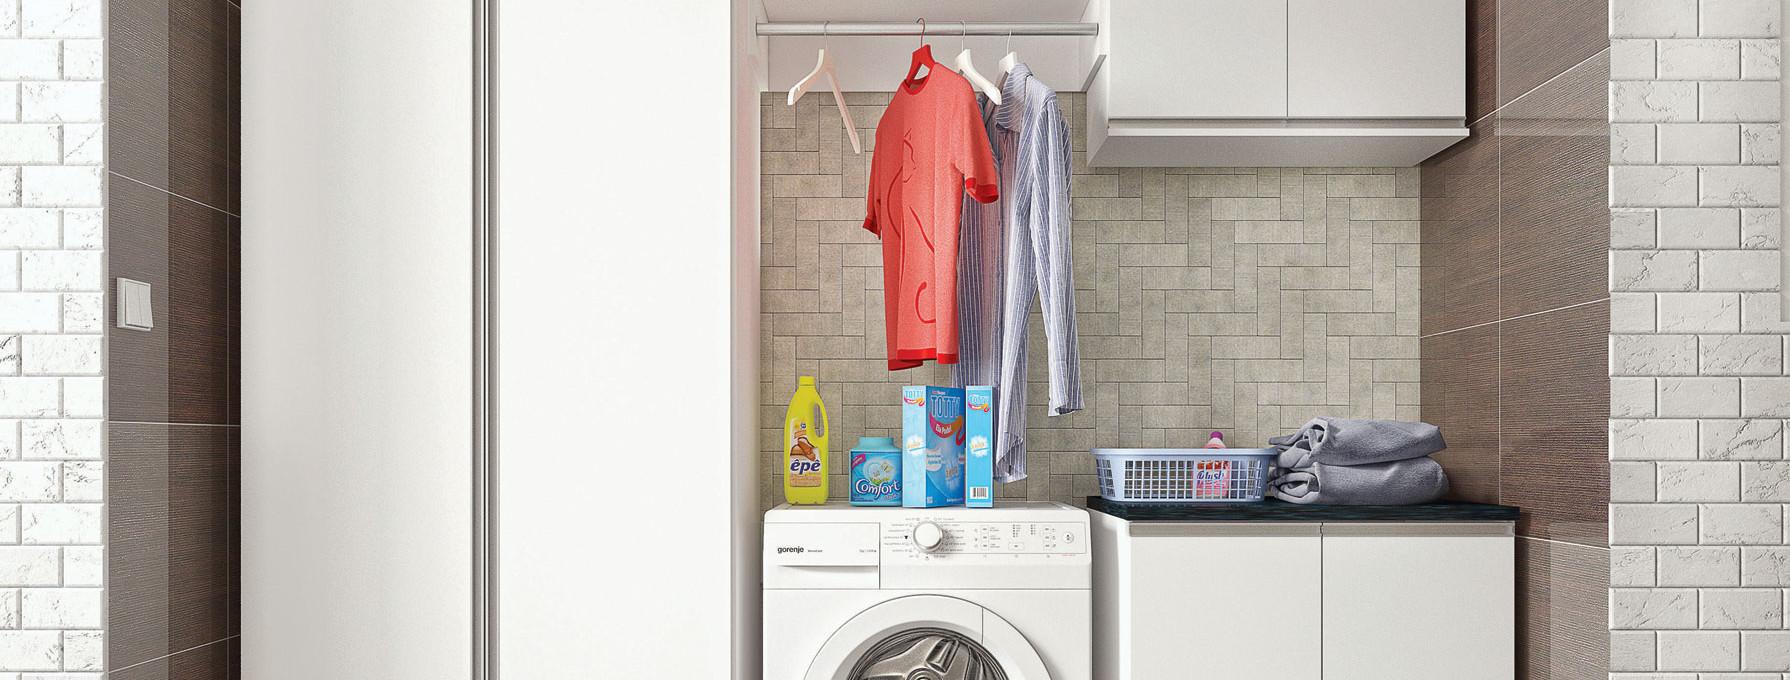 lavanderia-branca-moveis-planejados-organizacao-maquina-lavar-armario